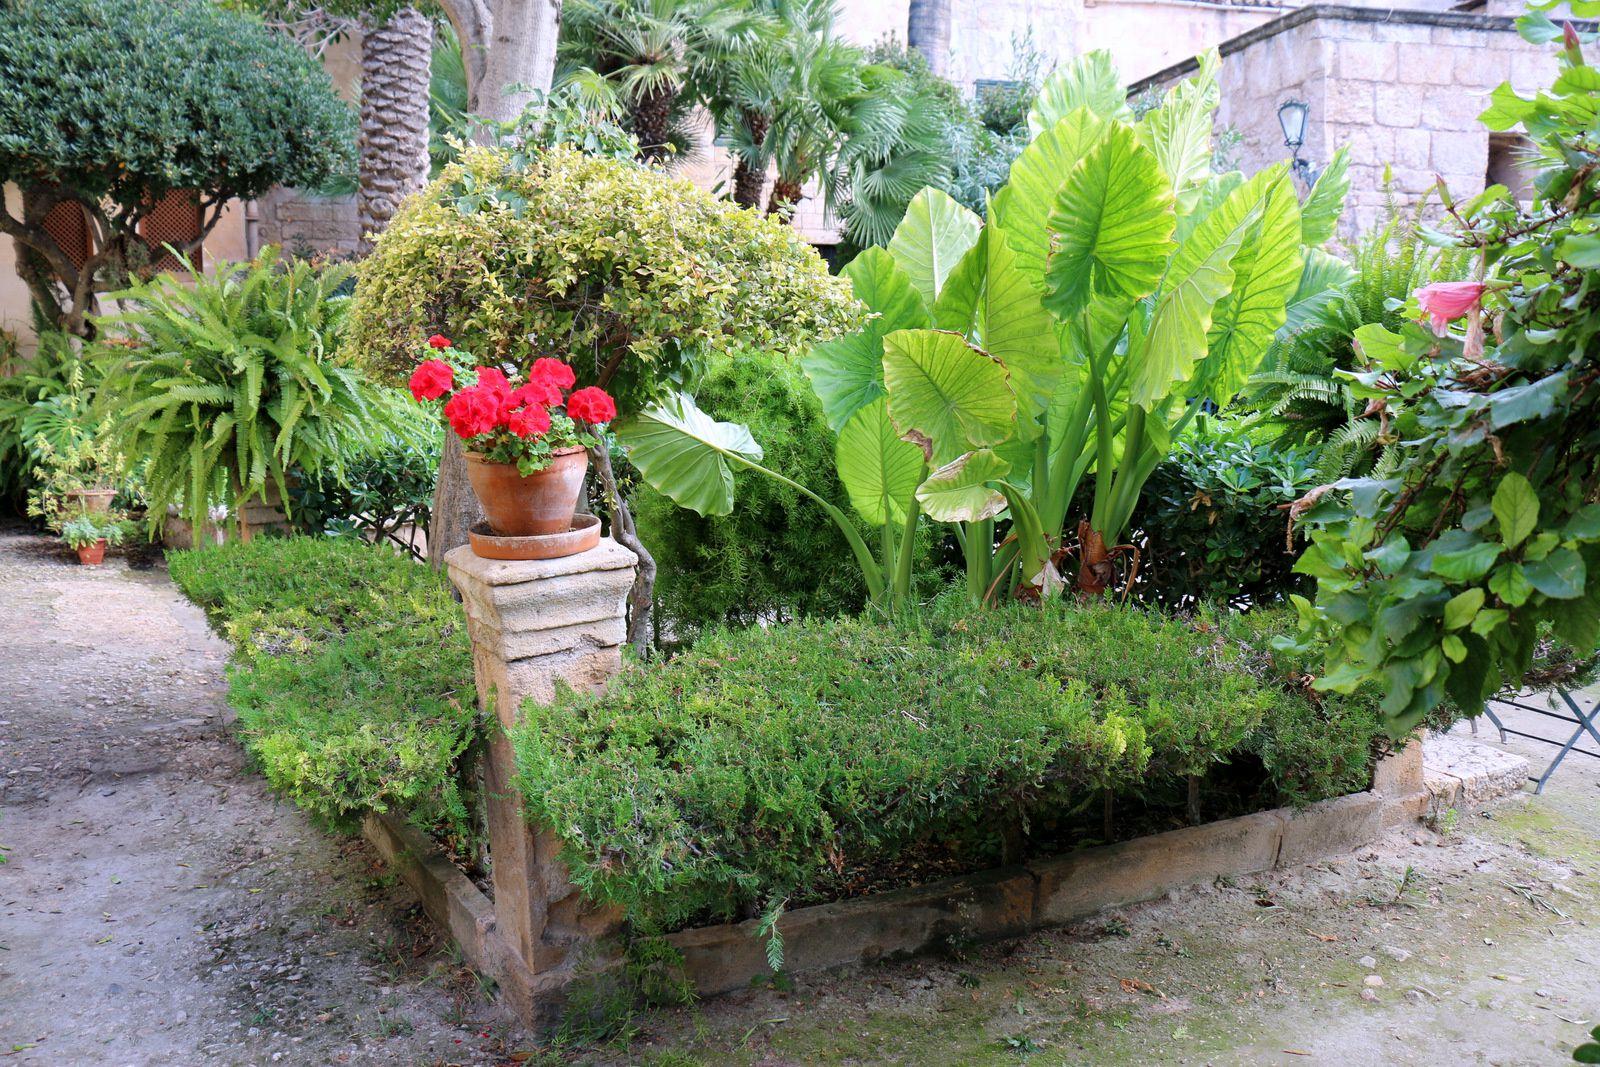 bains arabes de palma de majorque le jardin le blog de cbx41. Black Bedroom Furniture Sets. Home Design Ideas